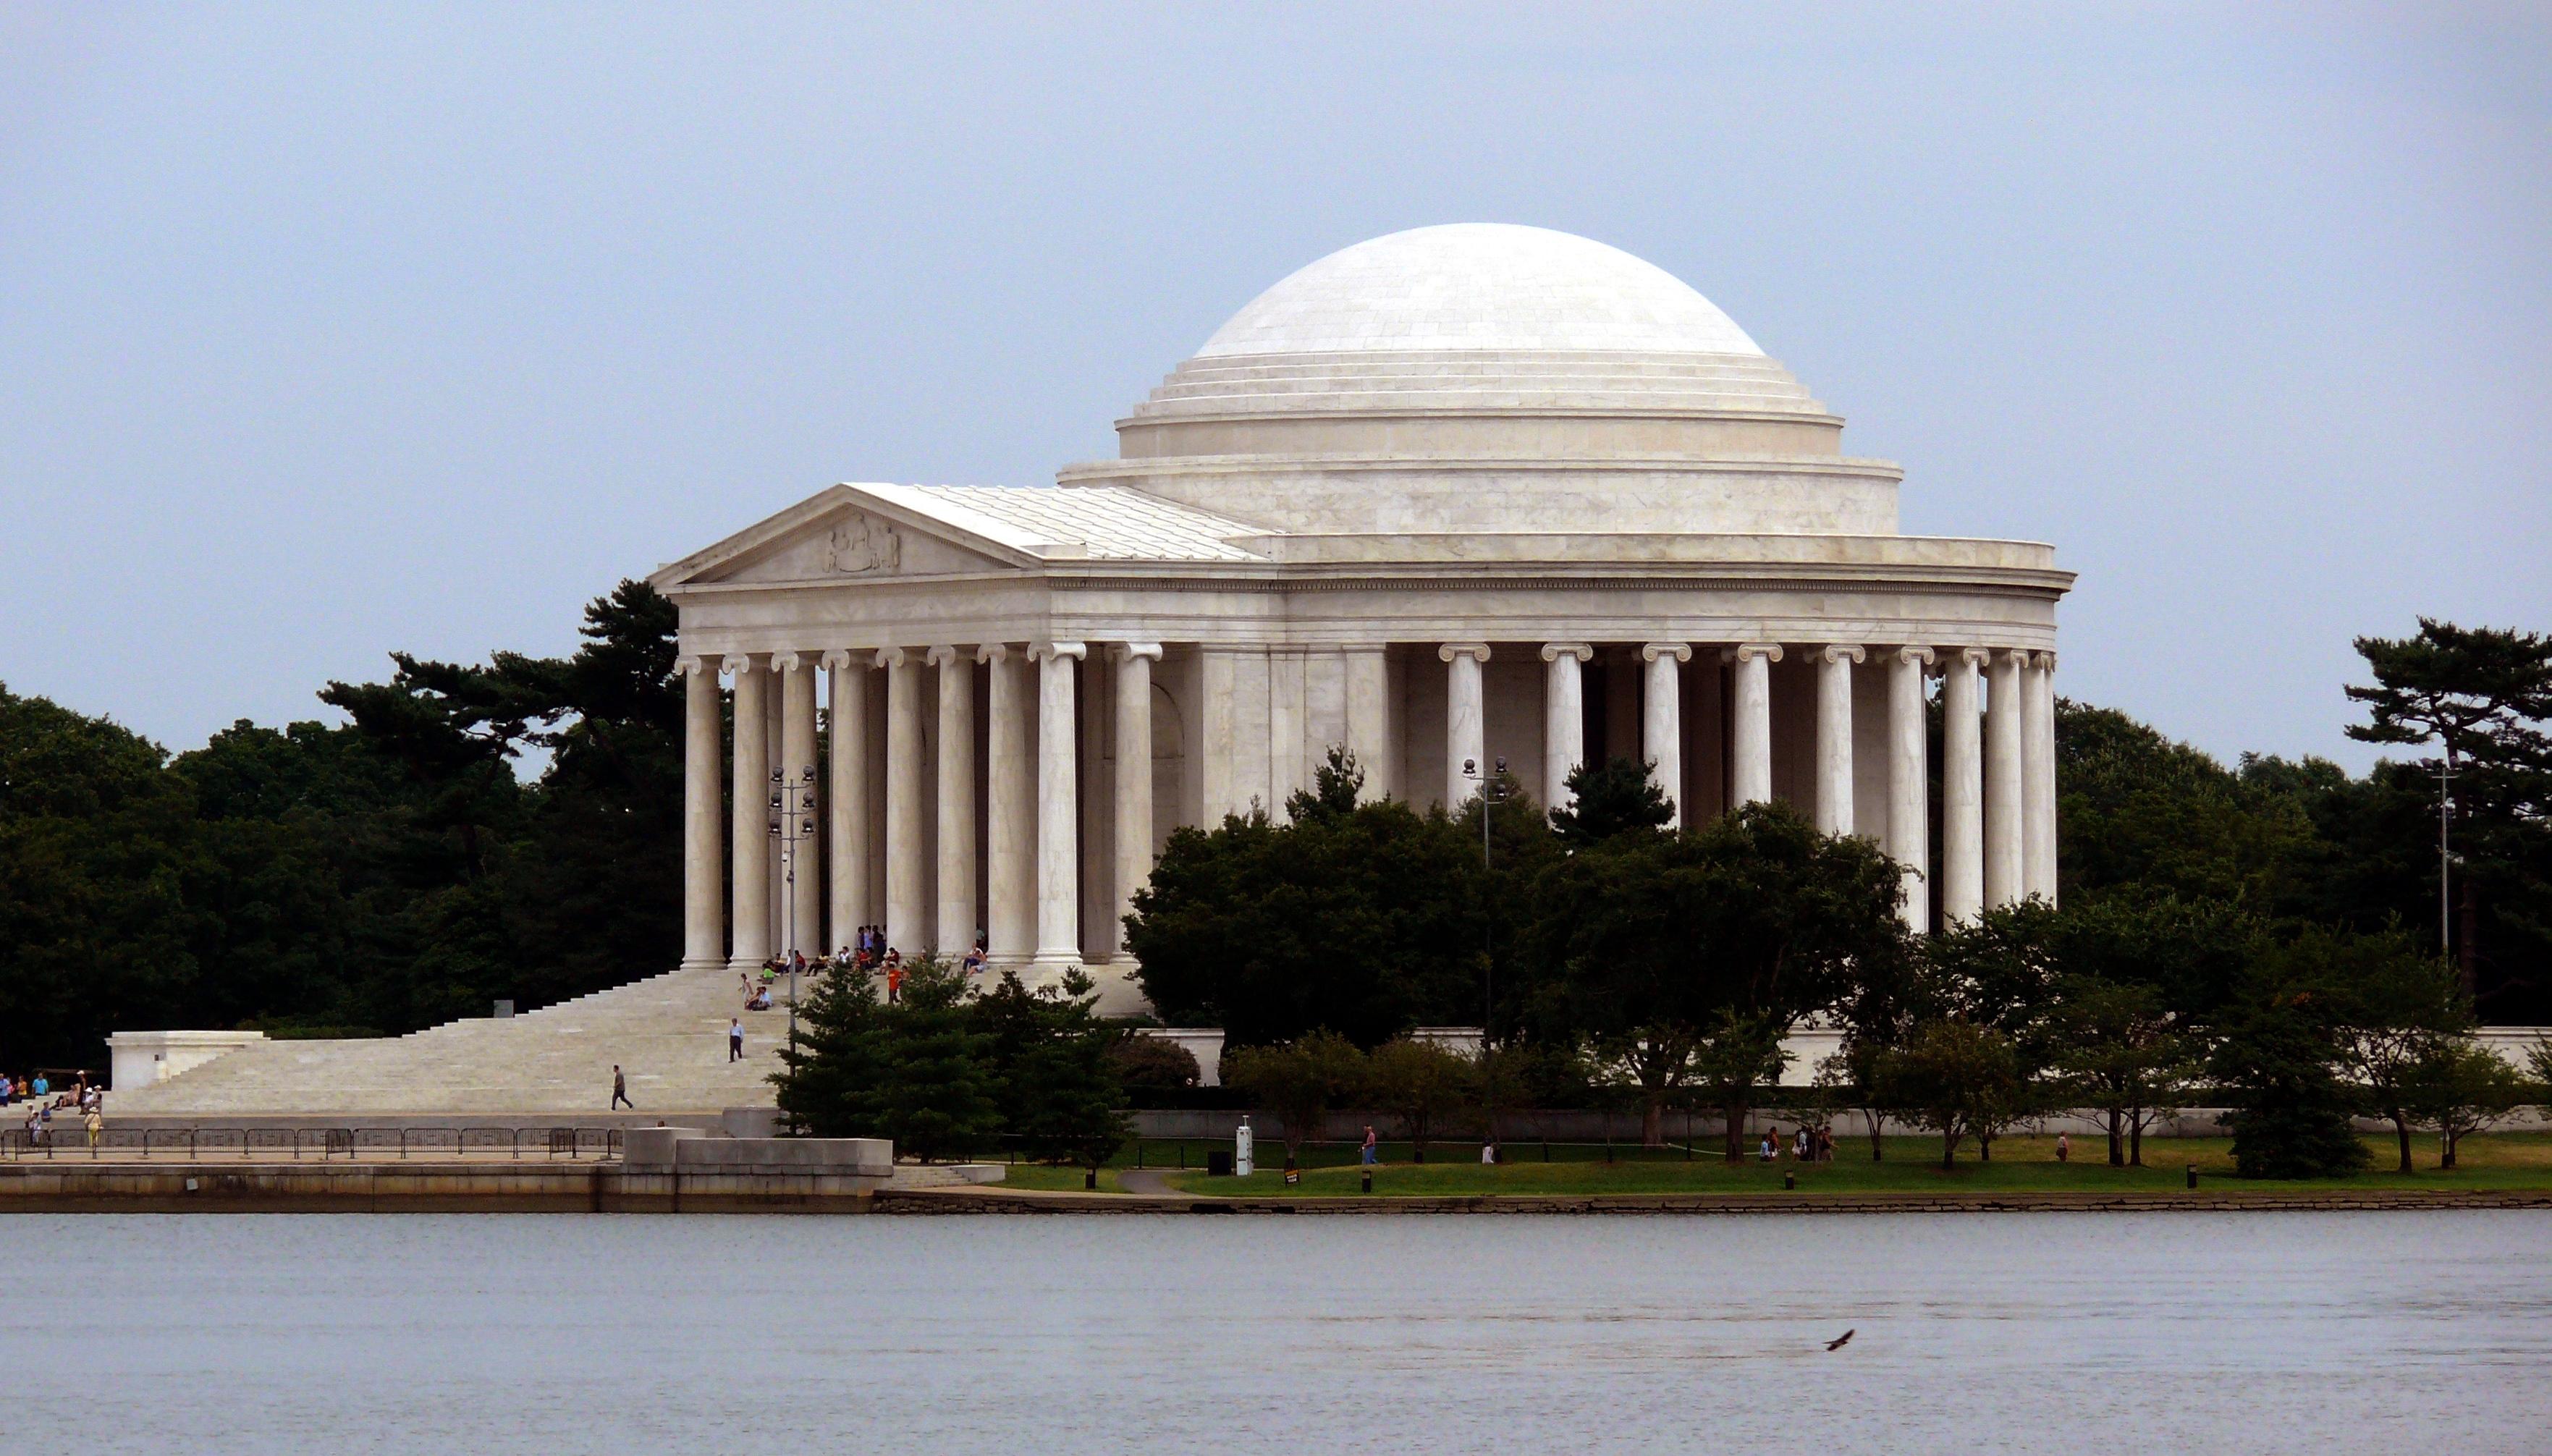 Jeffersonmemorial